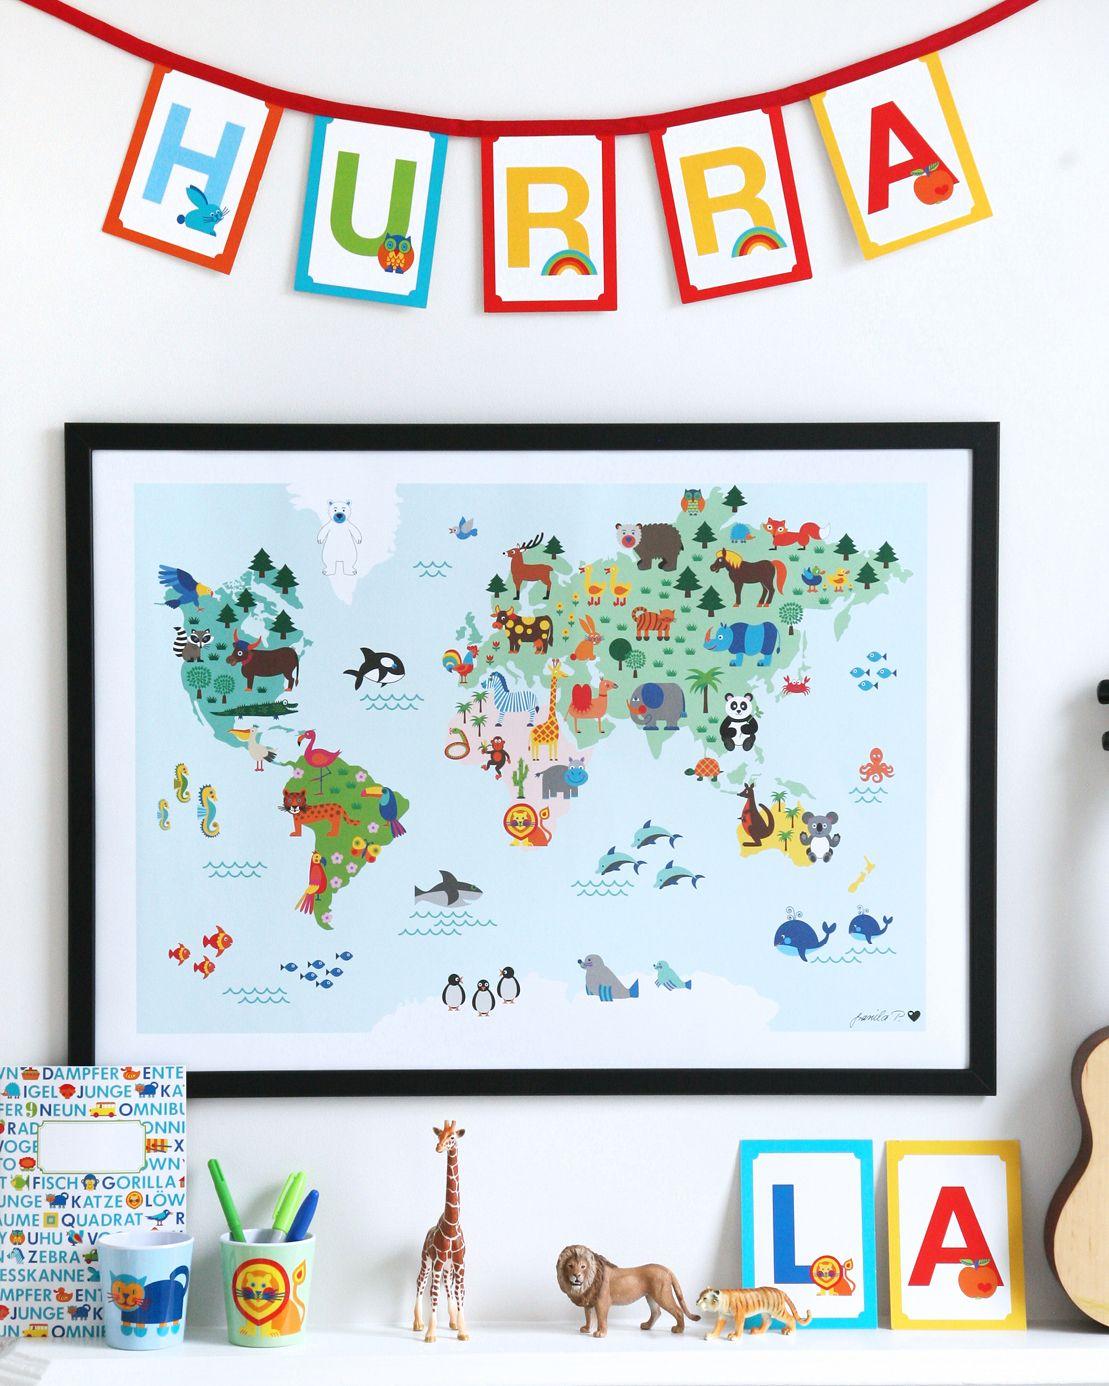 Weltkarte Poster In 2020 Poster Kinderzimmer Weltkarte Poster